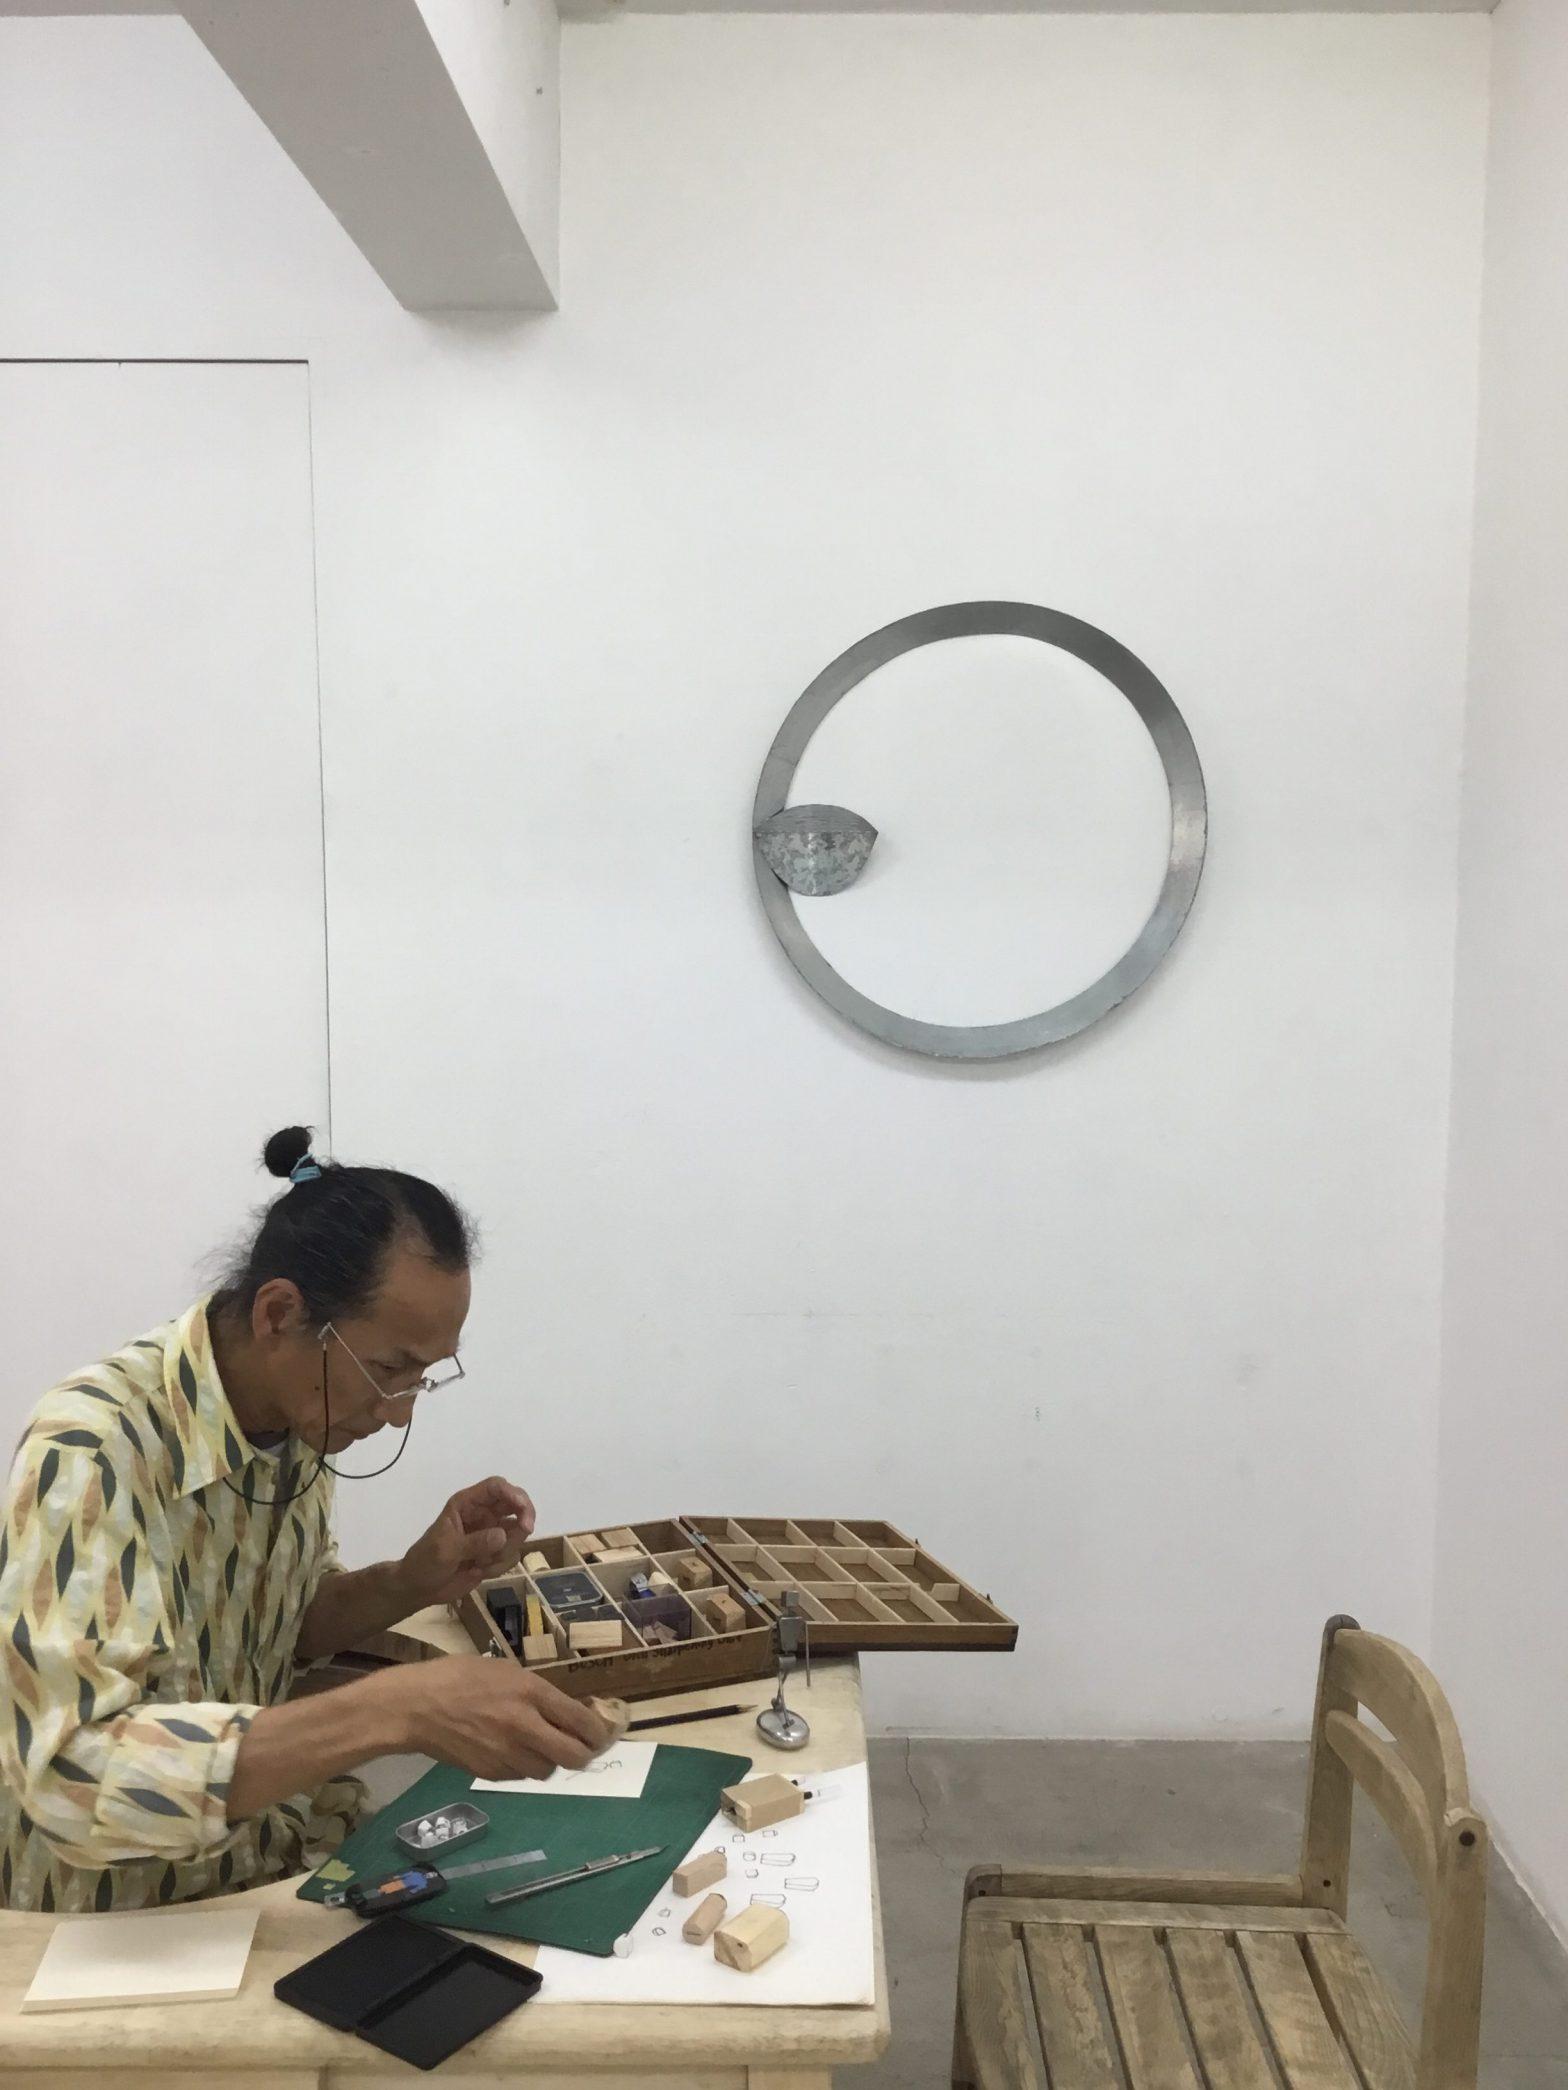 本日より「太陽の東 月の西 伊藤誠と吉川陽一郎による彫刻展 」が始まりました。